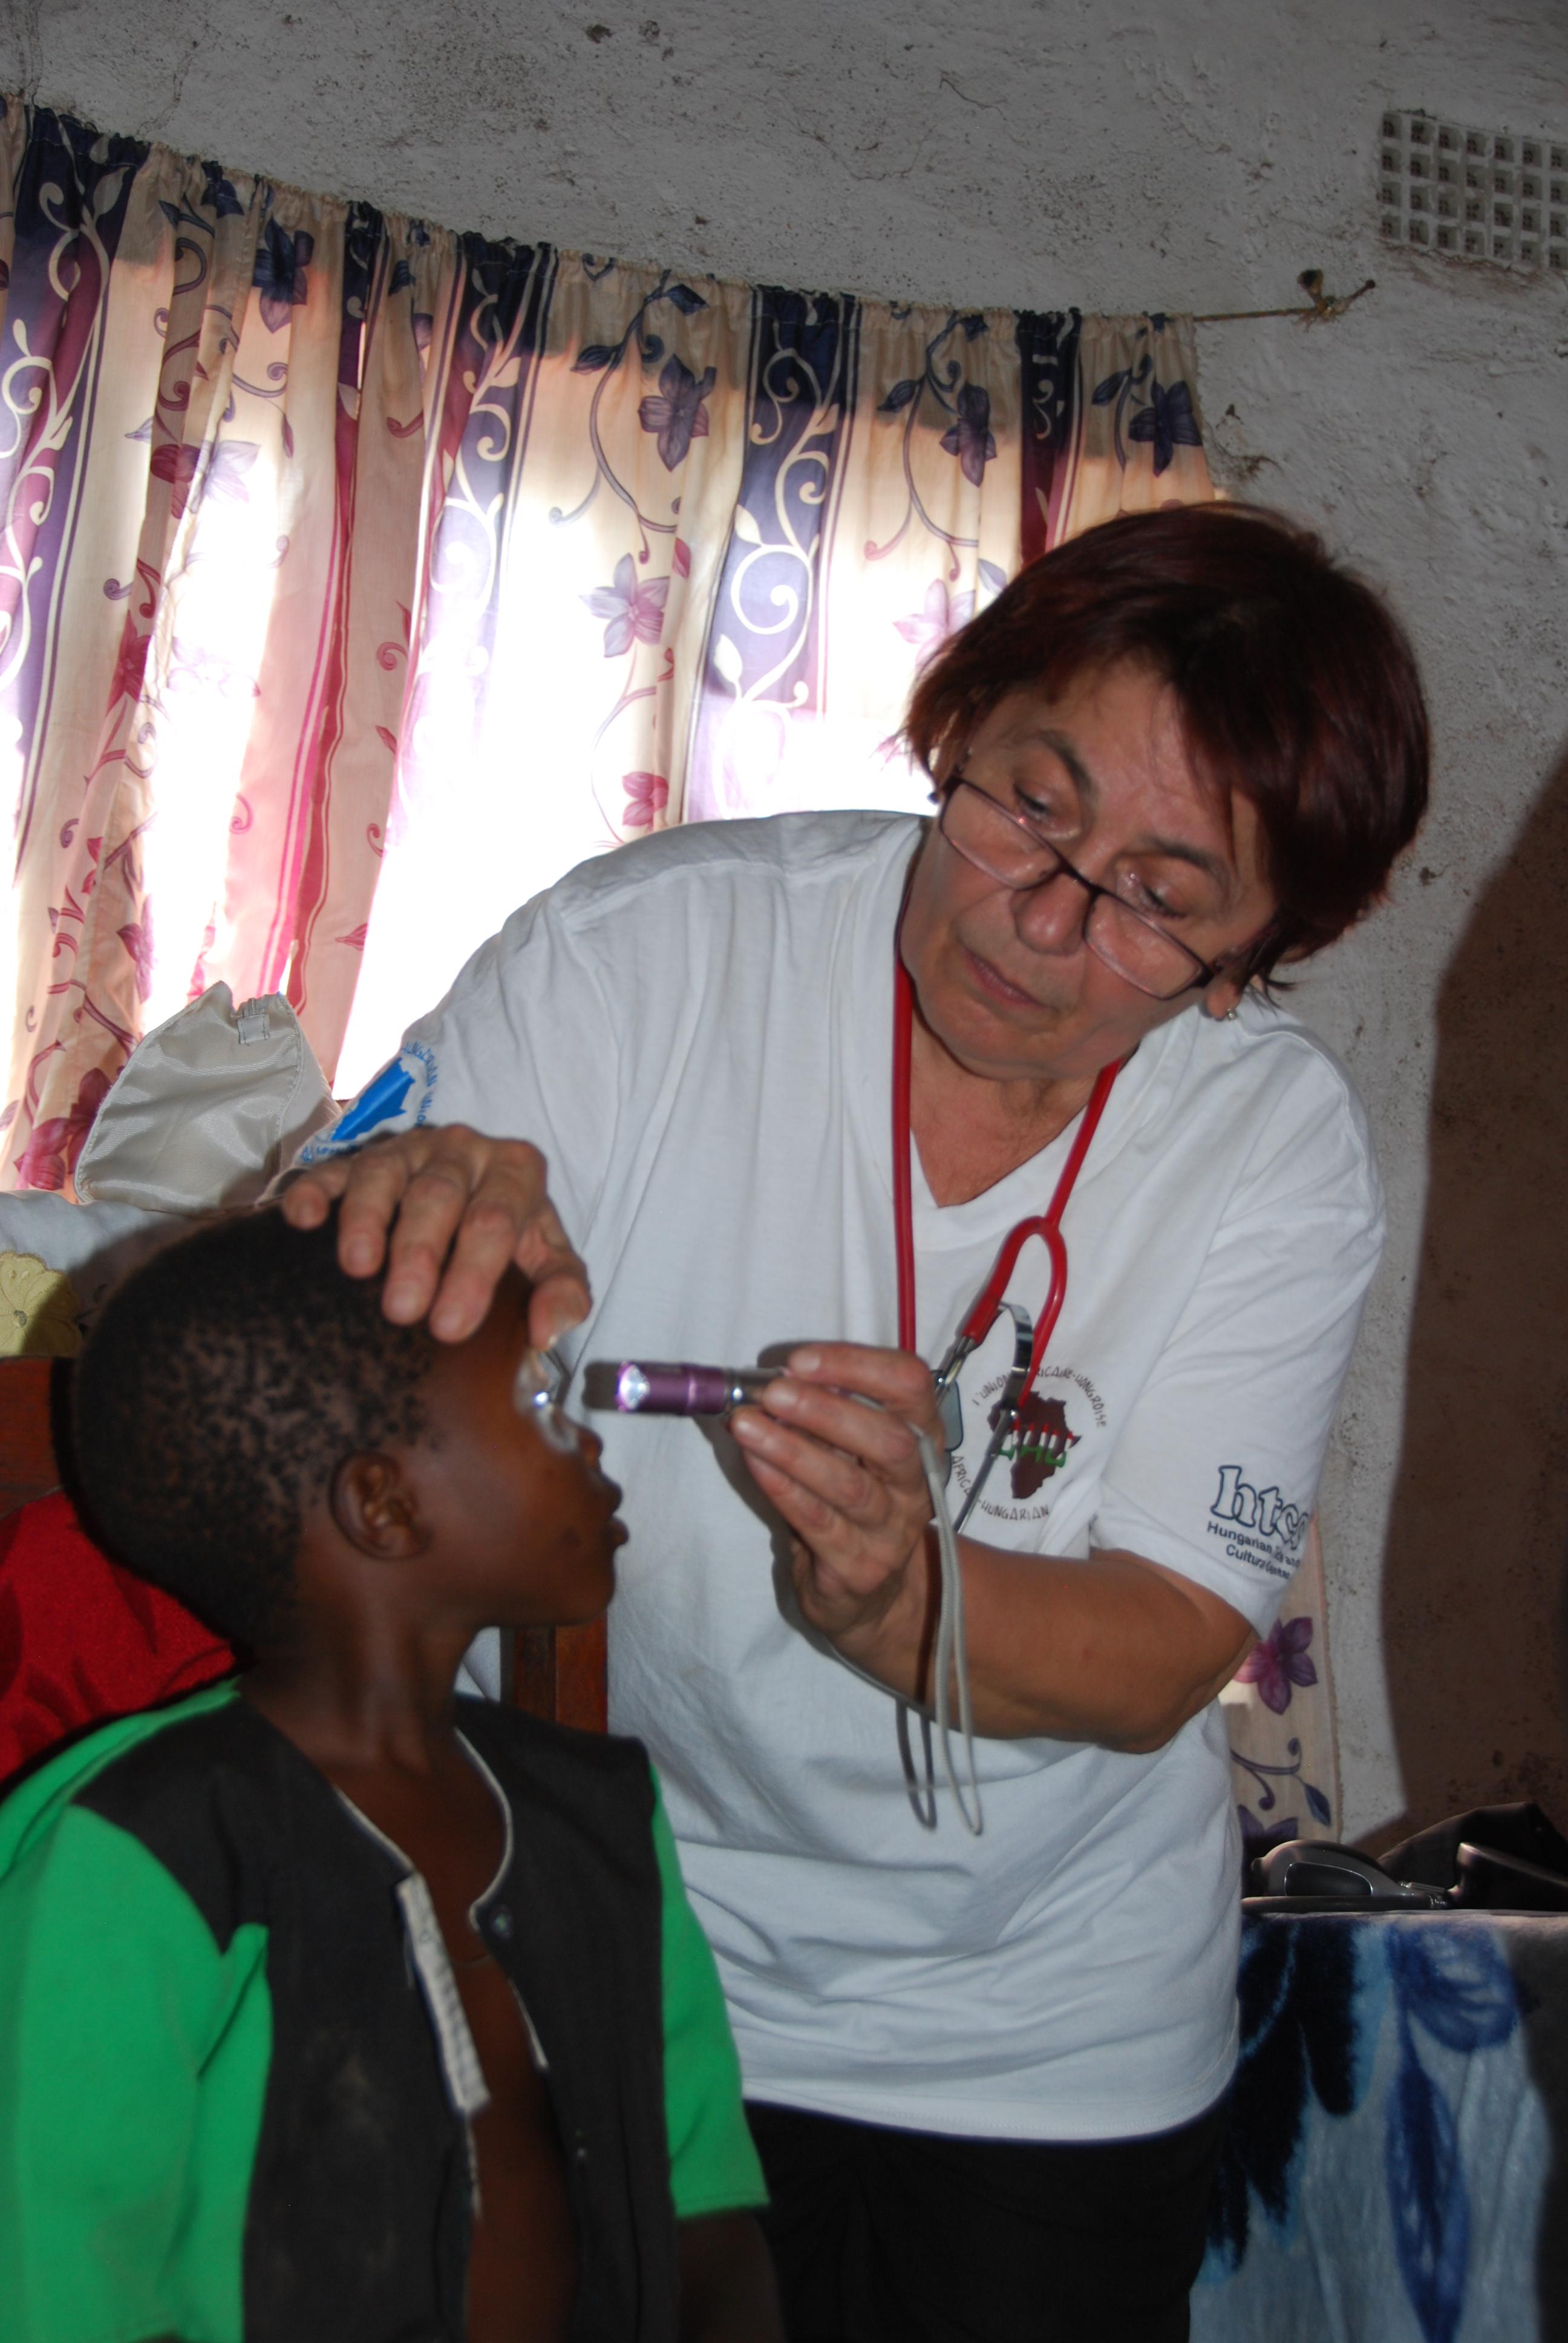 Dr. Jakkel Anna munka közben, Liwondében, Malawiban.